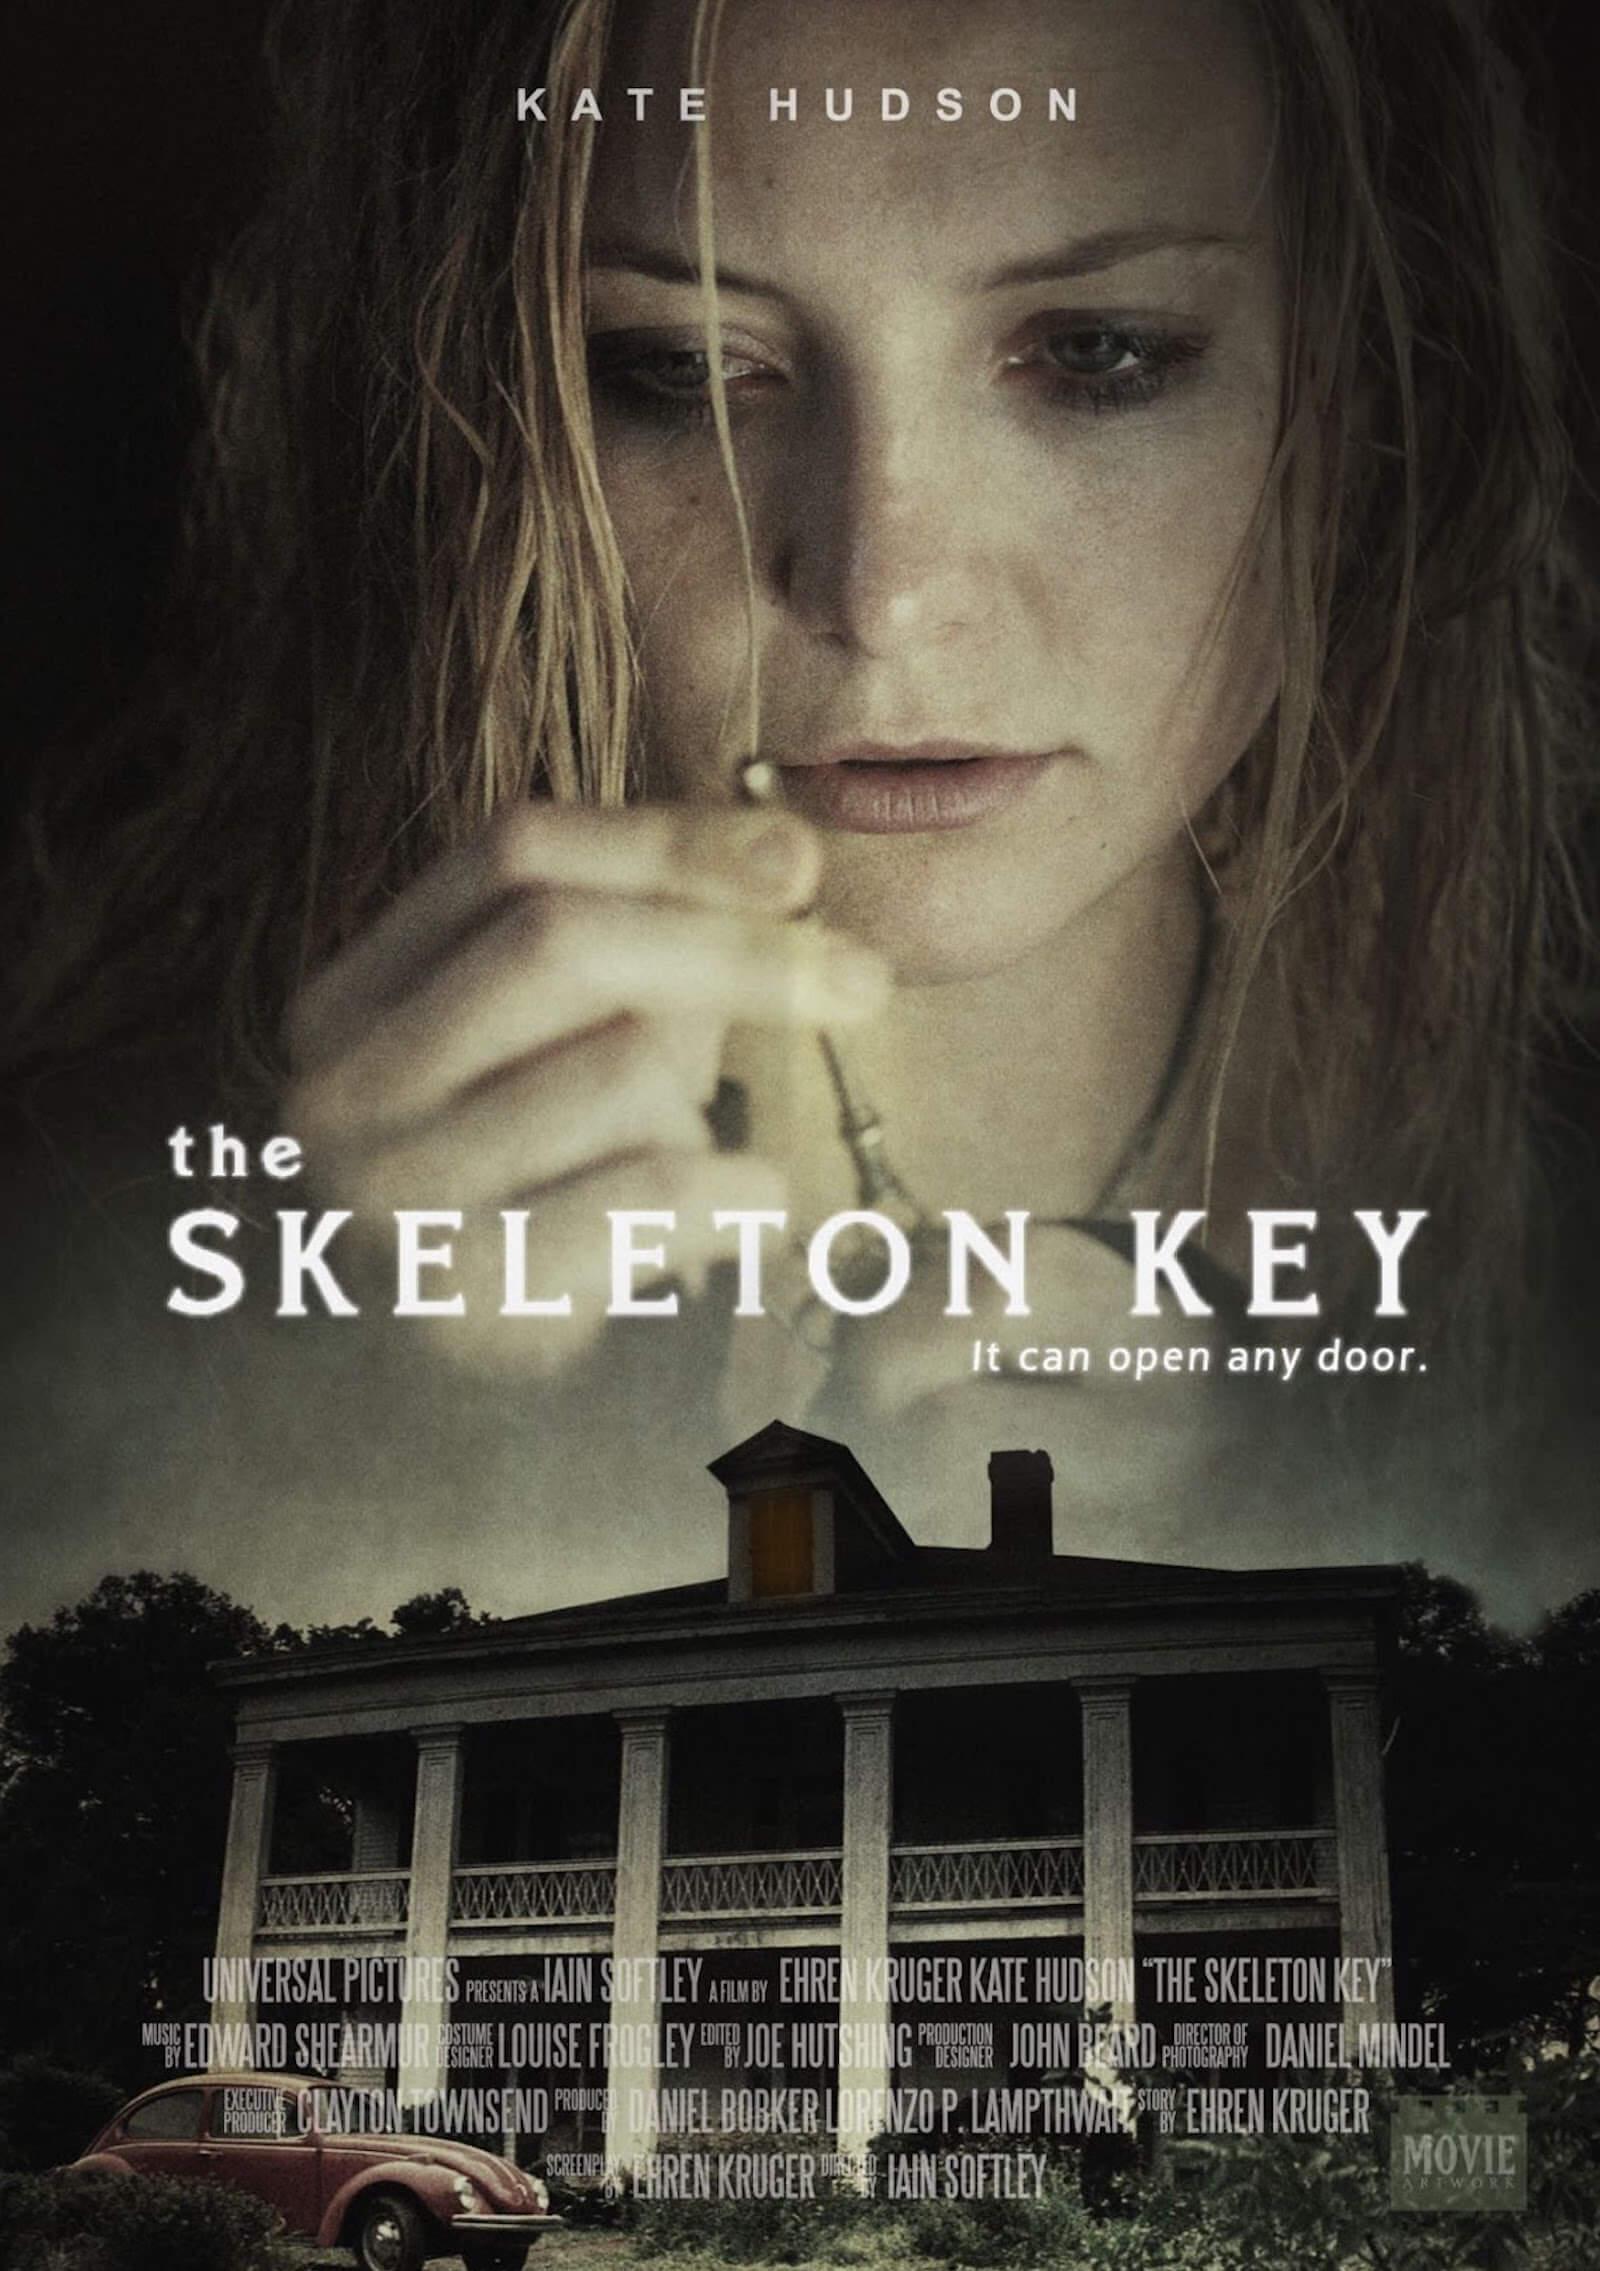 Skeleton Key Image